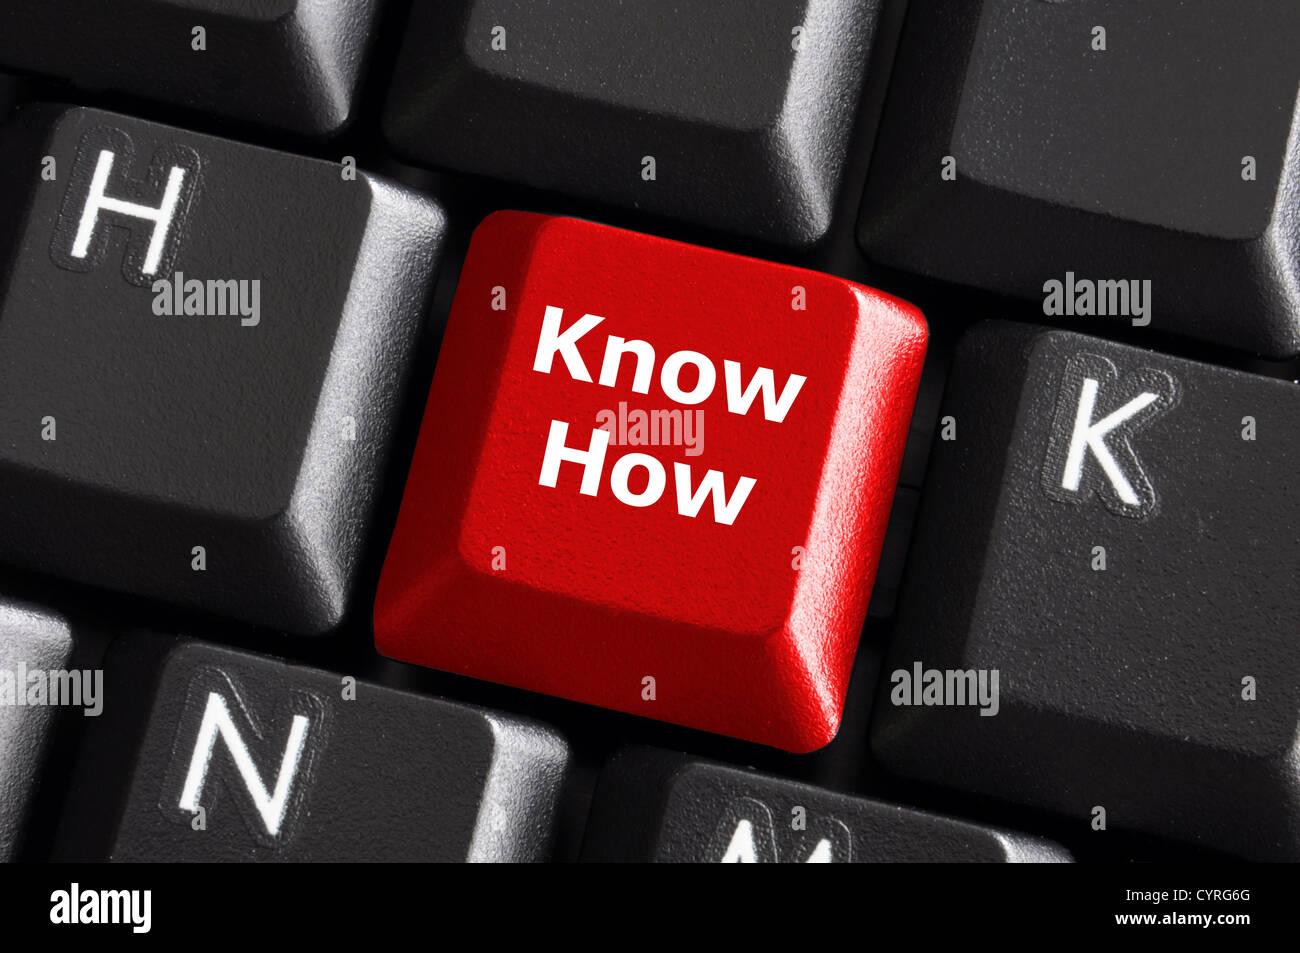 Savoir comment les connaissances ou l'éducation concept avec bouton rouge sur le clavier de l'ordinateur Photo Stock